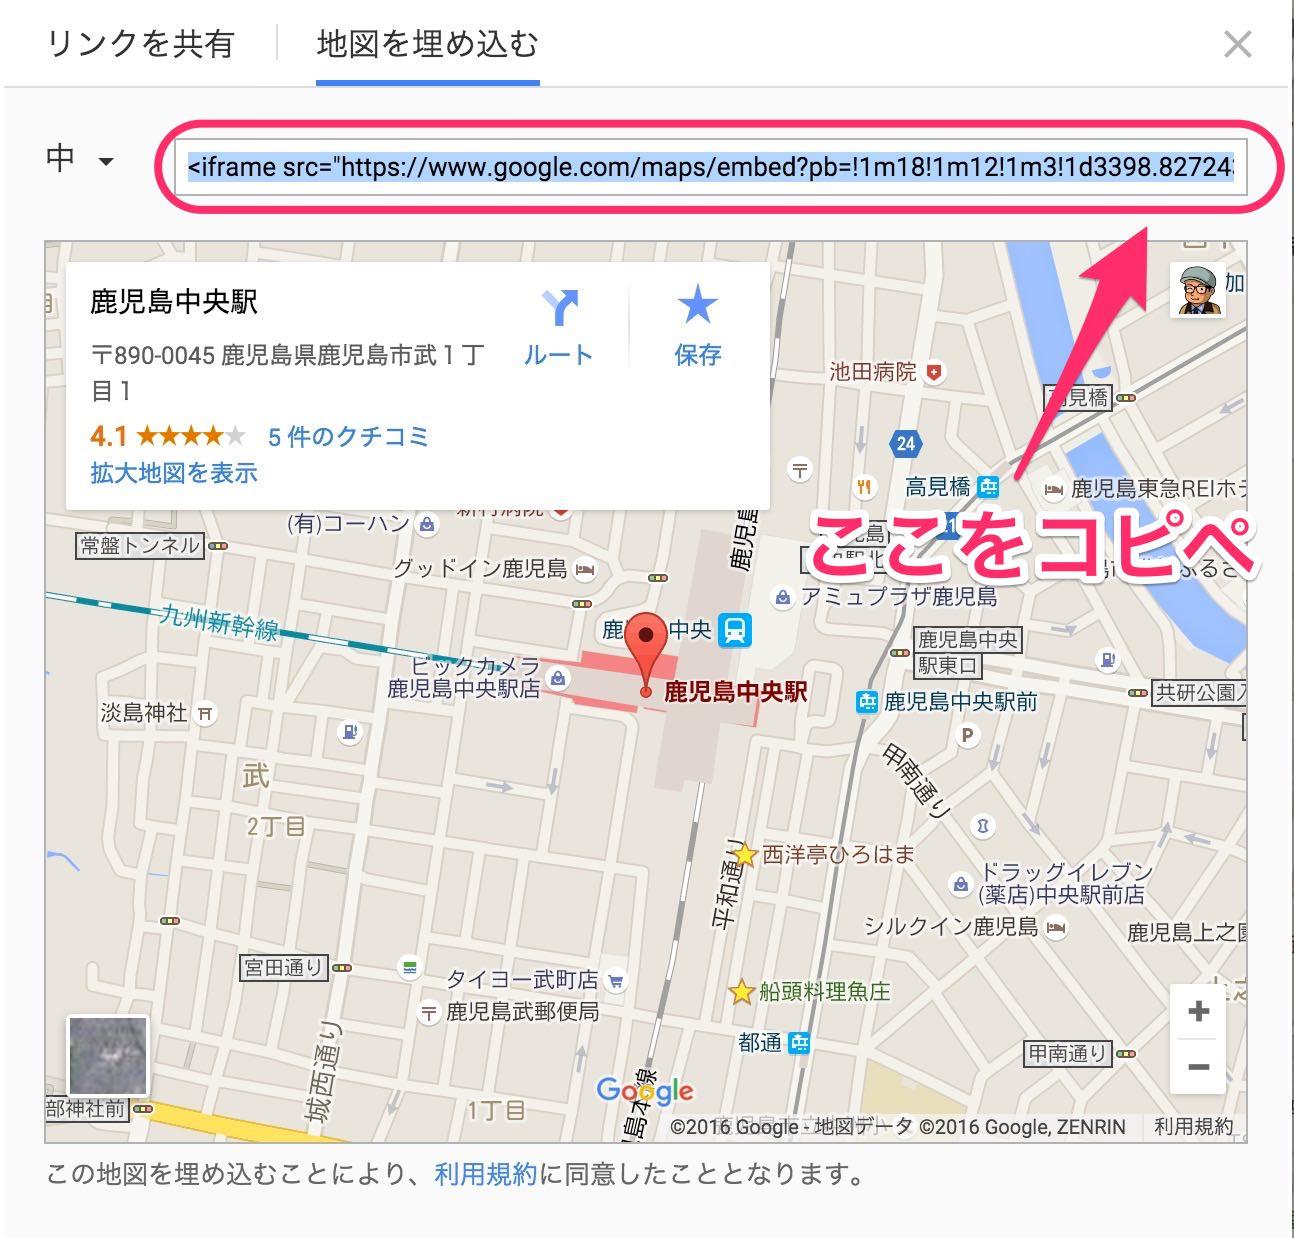 グーグルマップから地図データを取得する-3